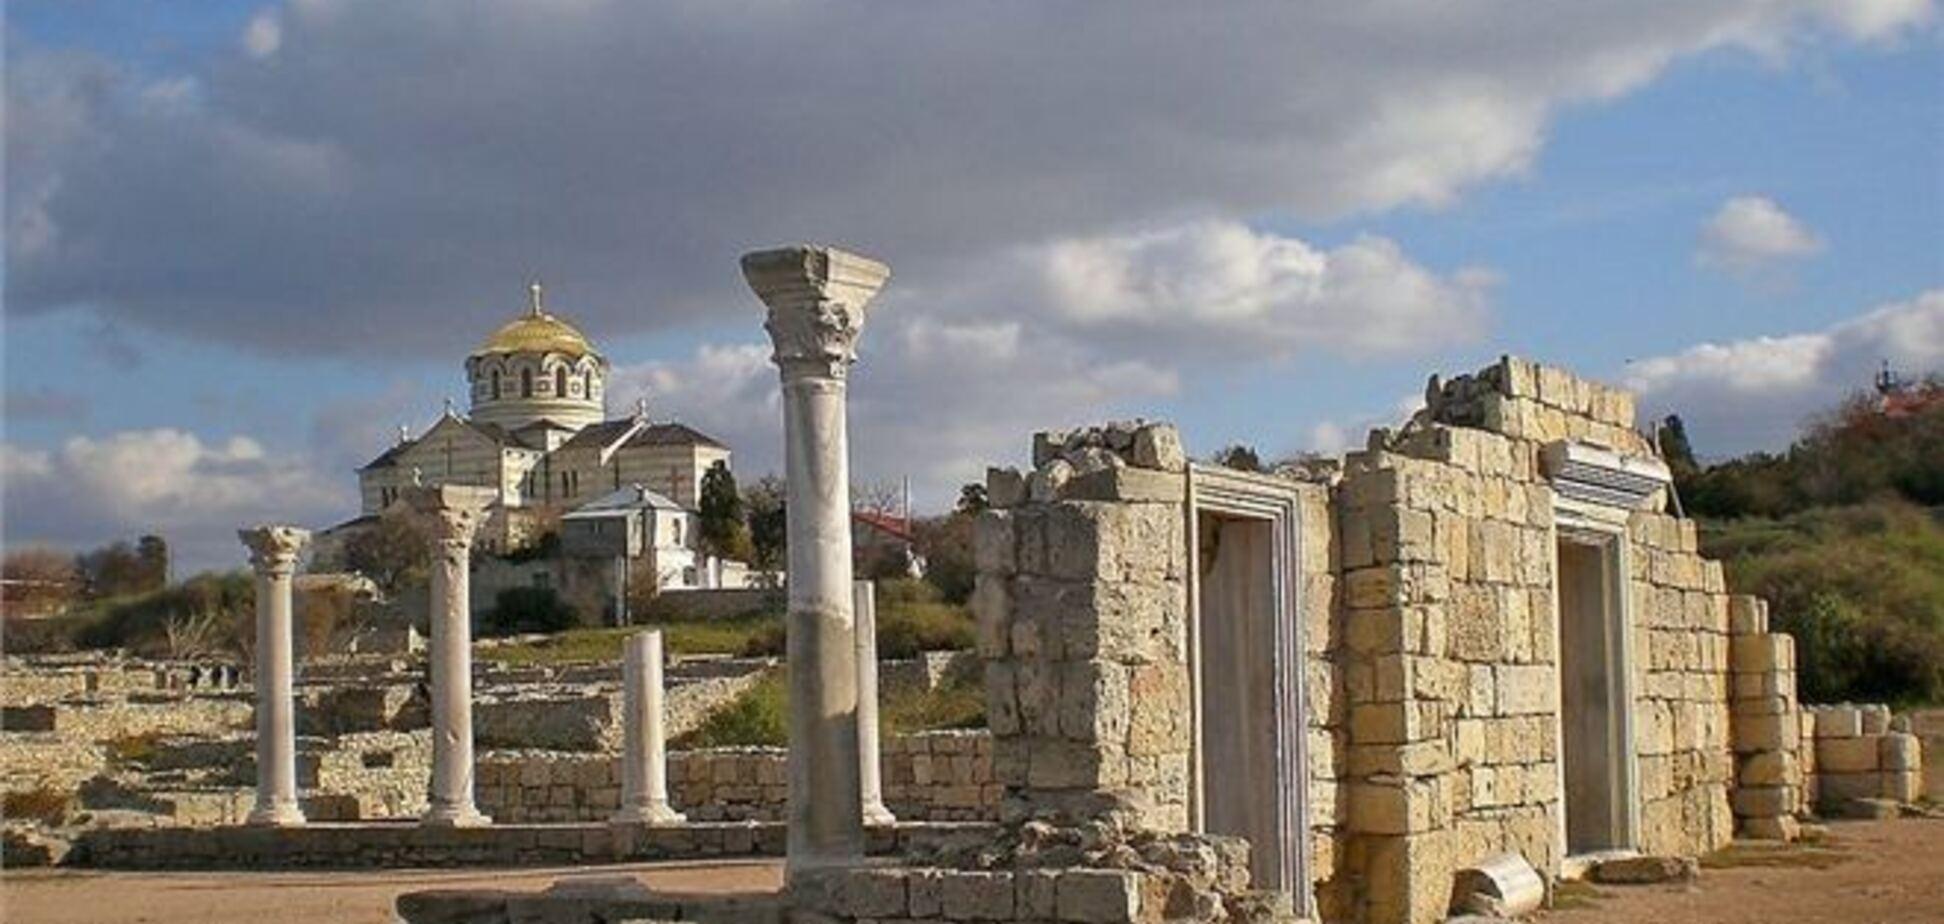 Забудовники в Севастополі пошкодили частину Херсонеса Таврійського